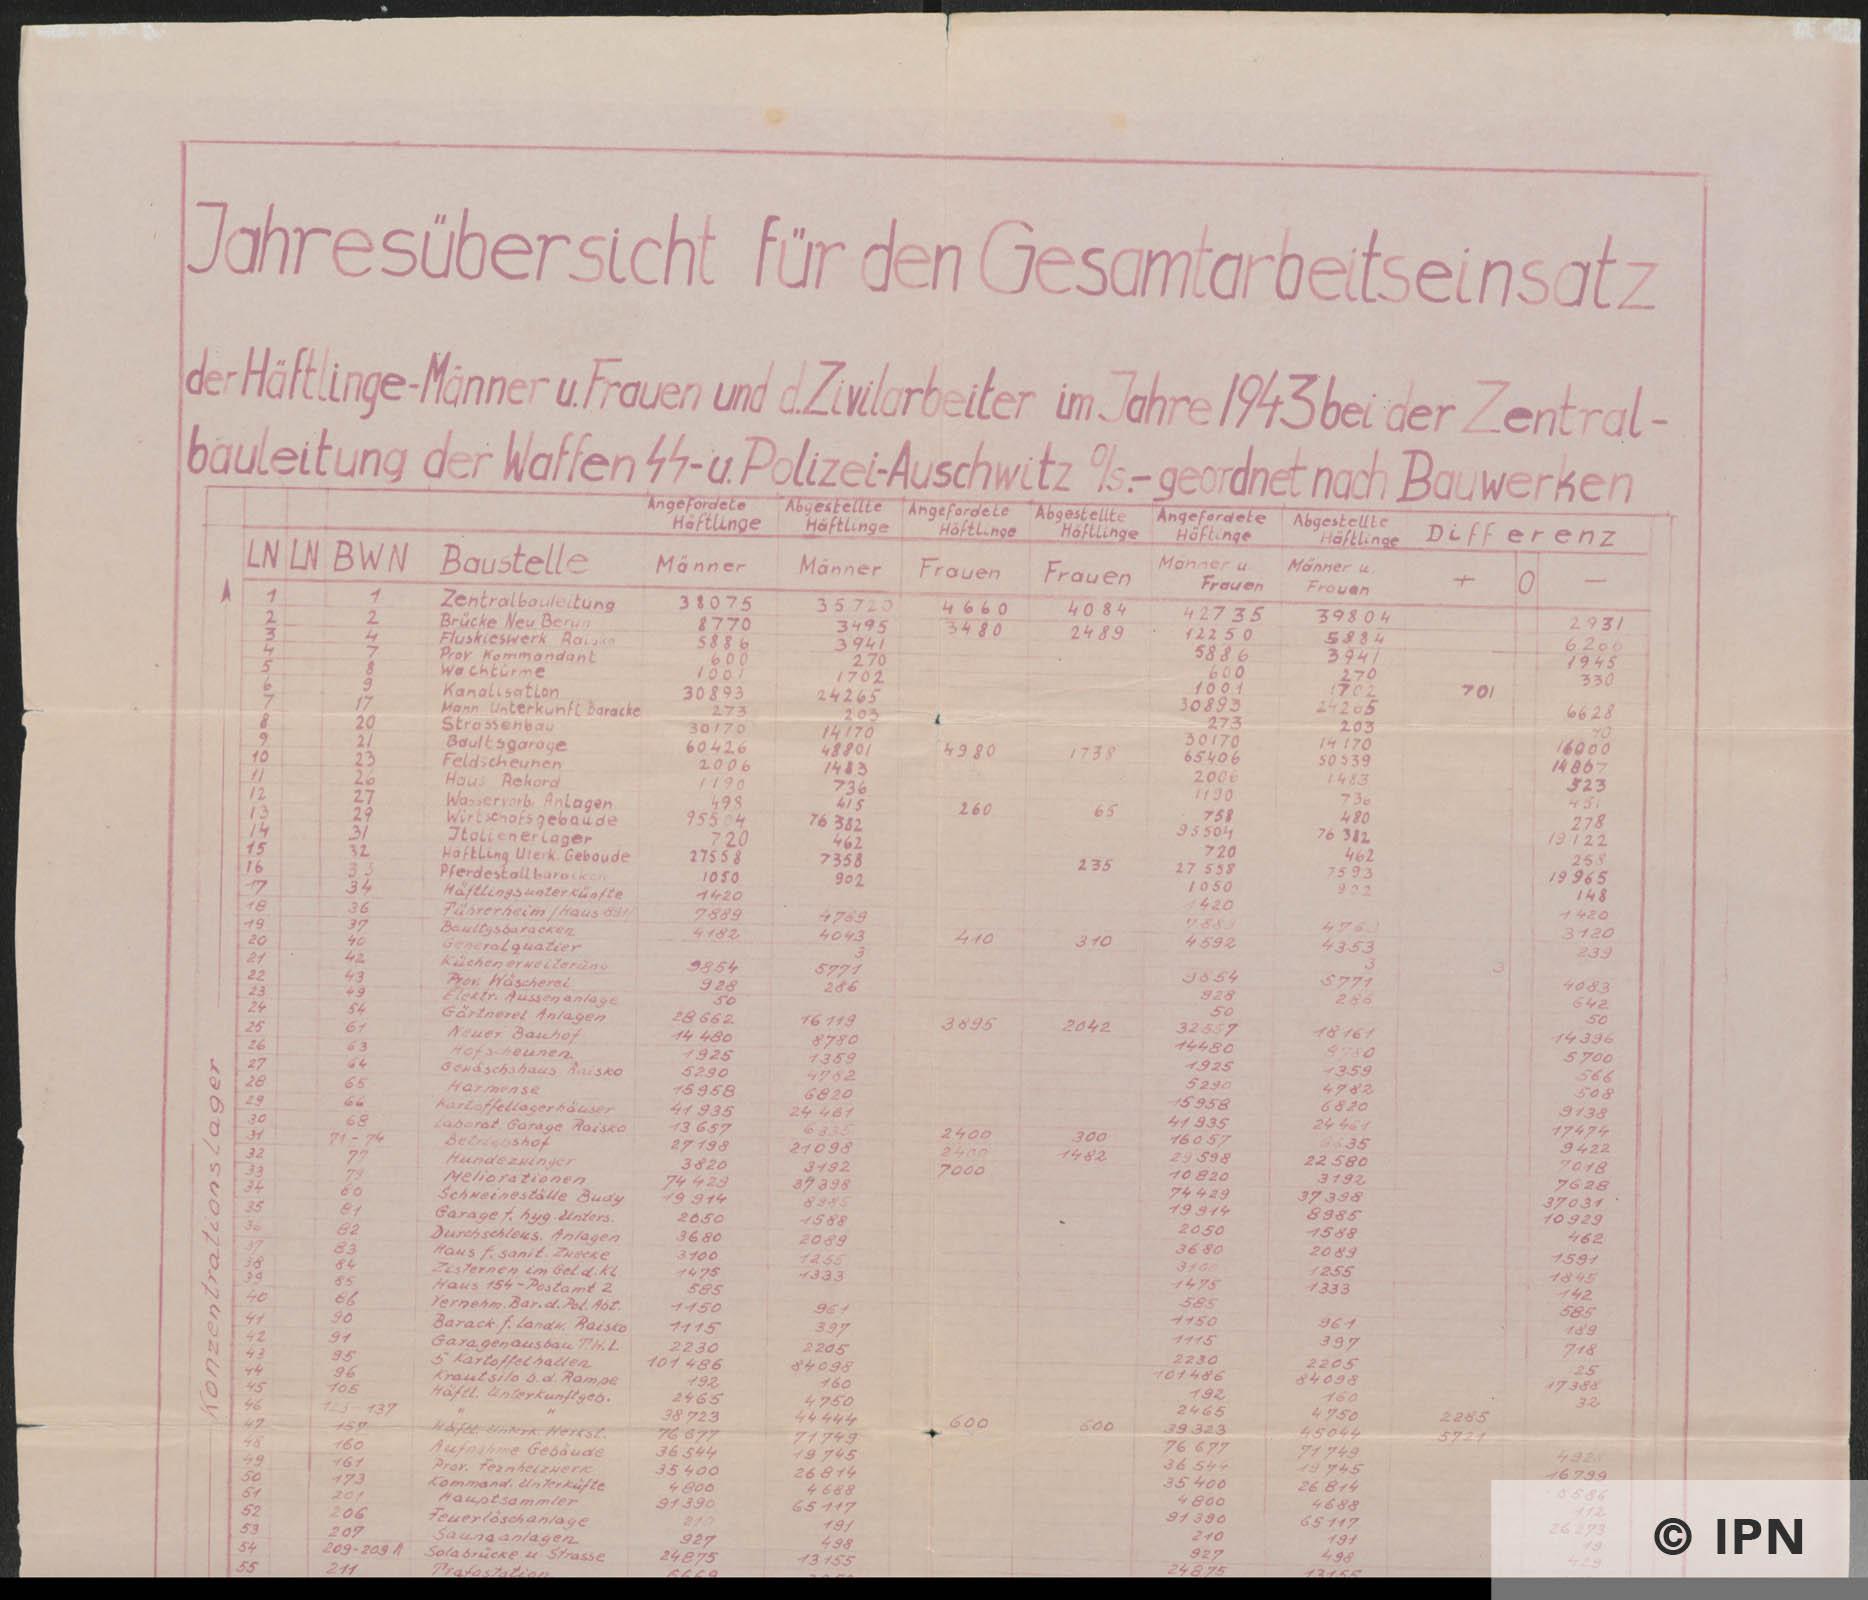 Yearly report of Zentralbauleitung der Waffen SS u Polizei Auschwitz. 1943 IPN GK 196 101 0014